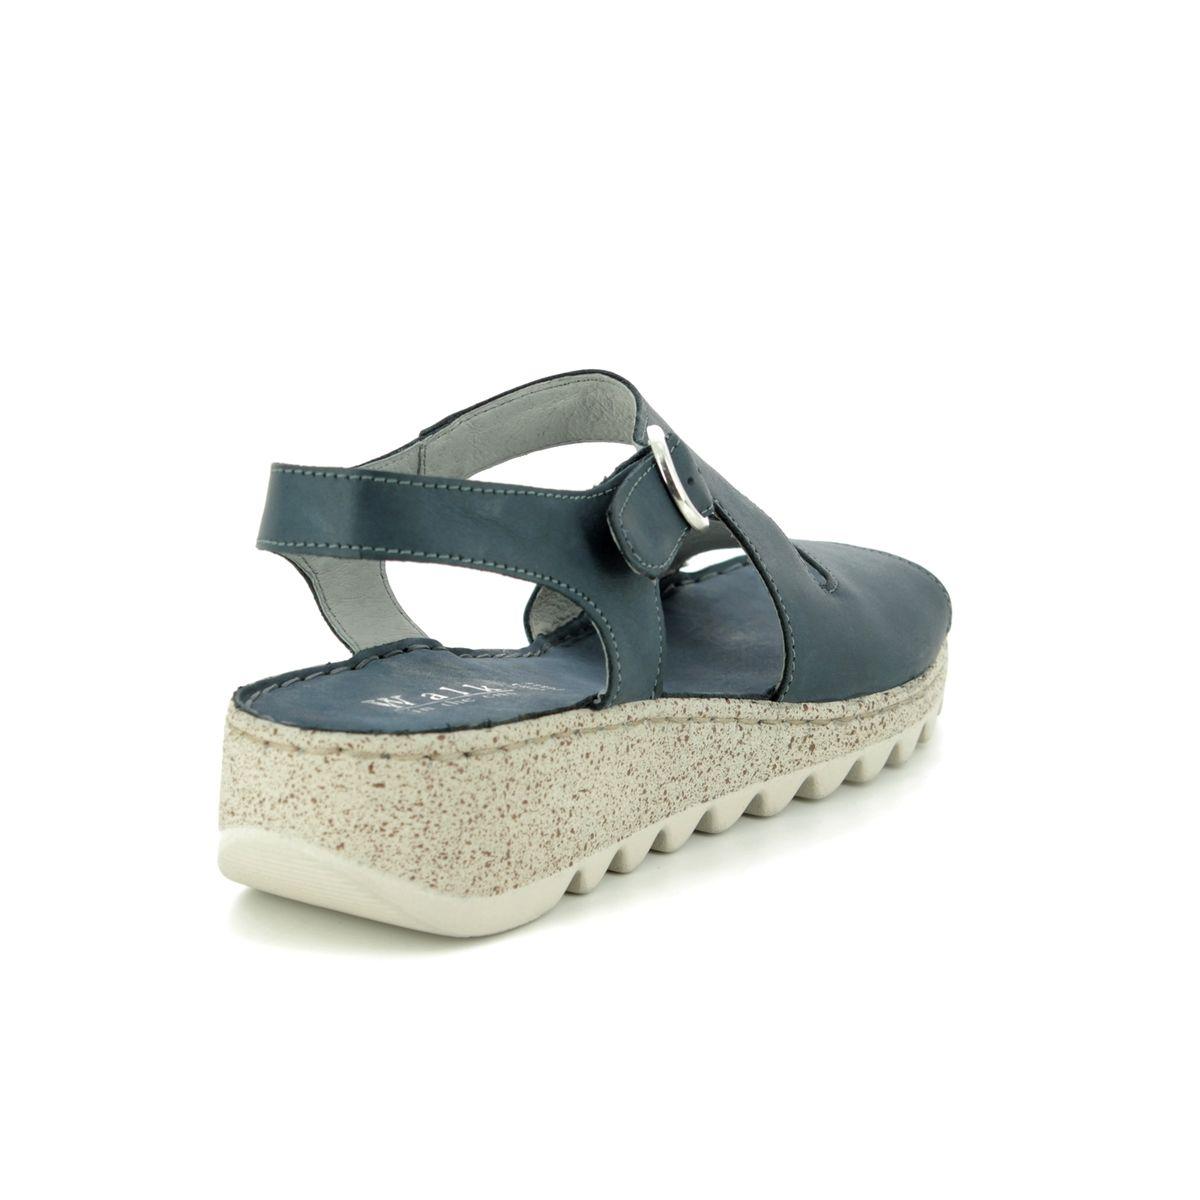 85e44e27a5e Walk in the City Wedge Sandals - Denim leather - 9371 36170 TRAMBA